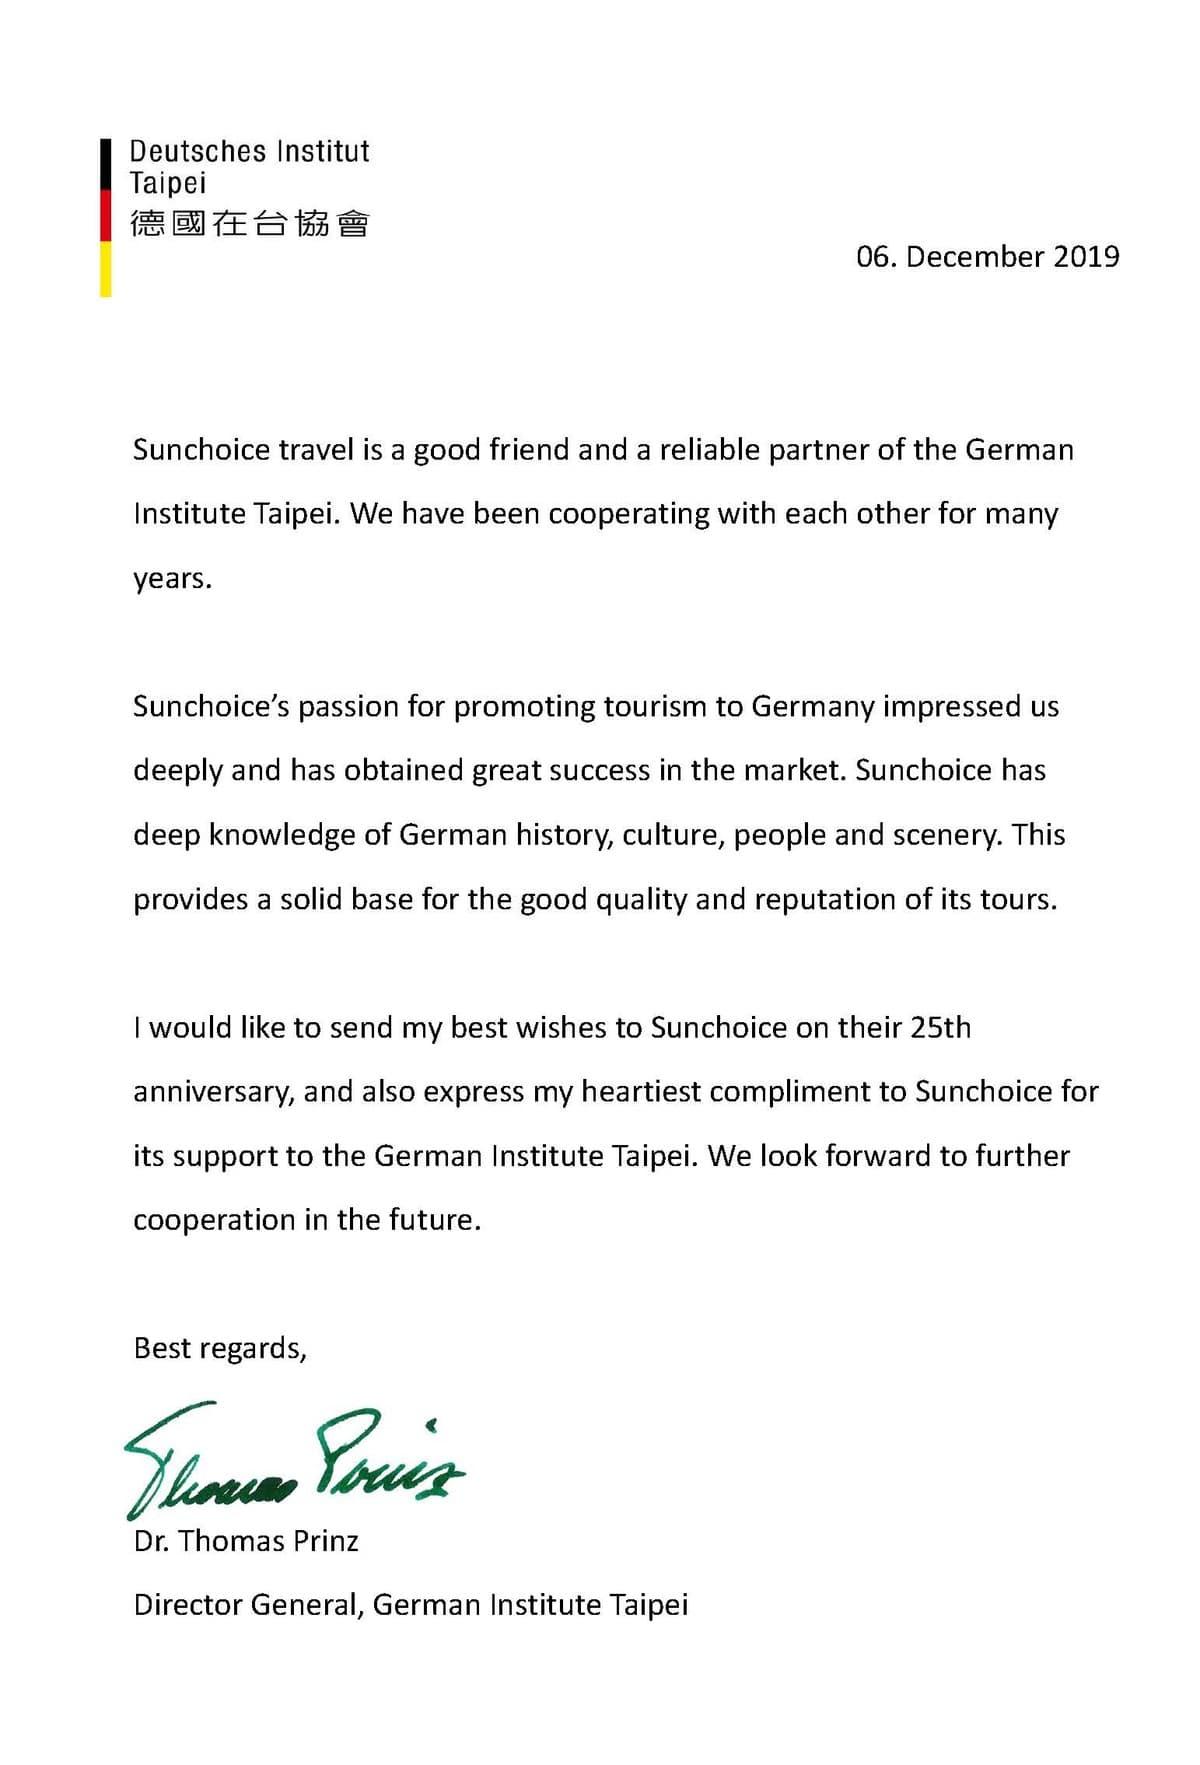 德國在台協會來函祝賀上選旅遊25週年生日快樂